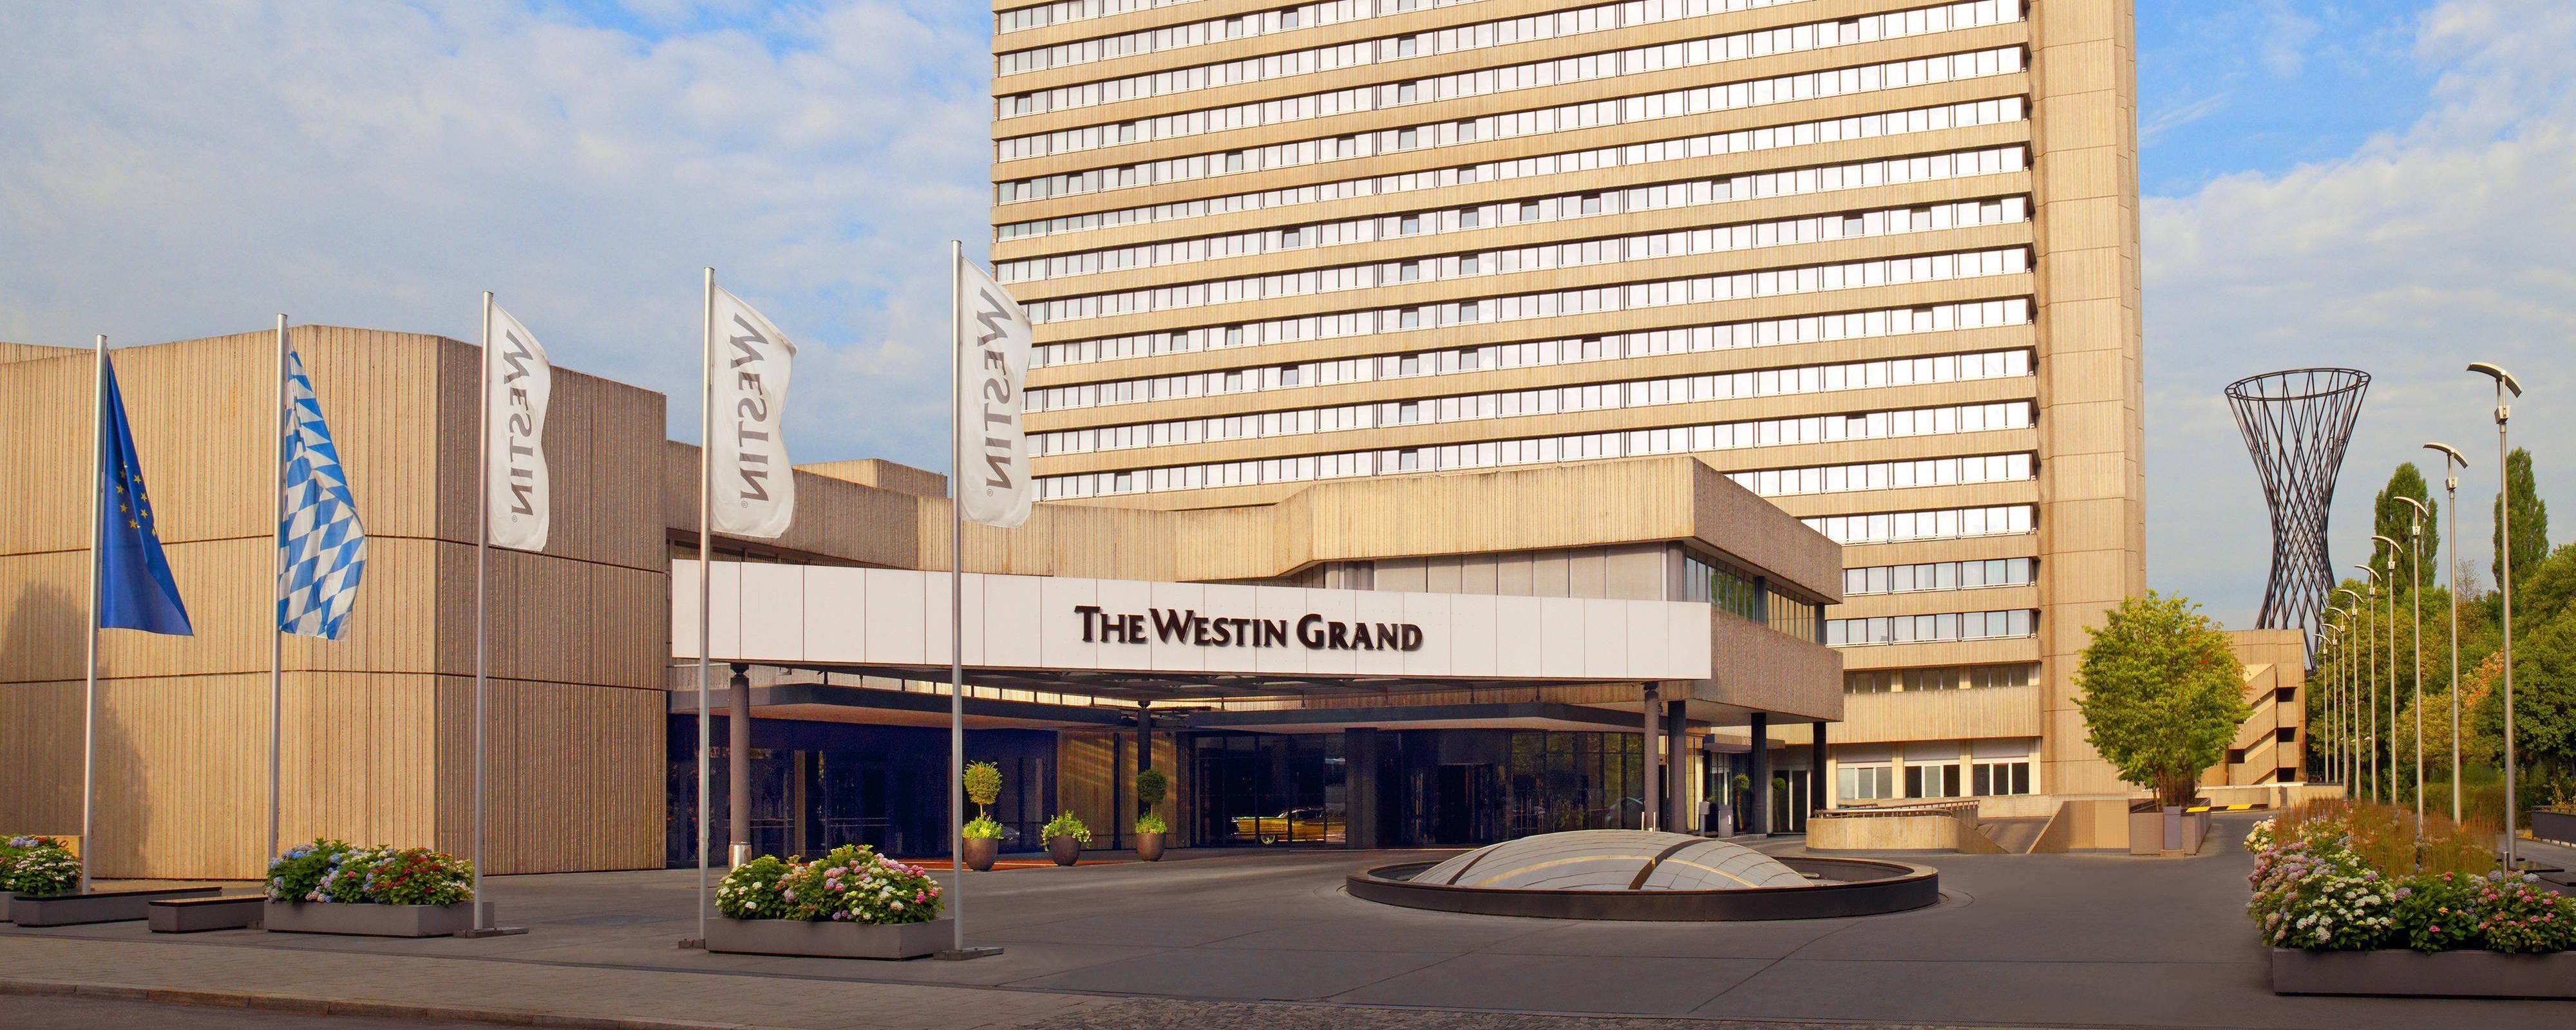 Hotel Munich The Westin Grand Munich